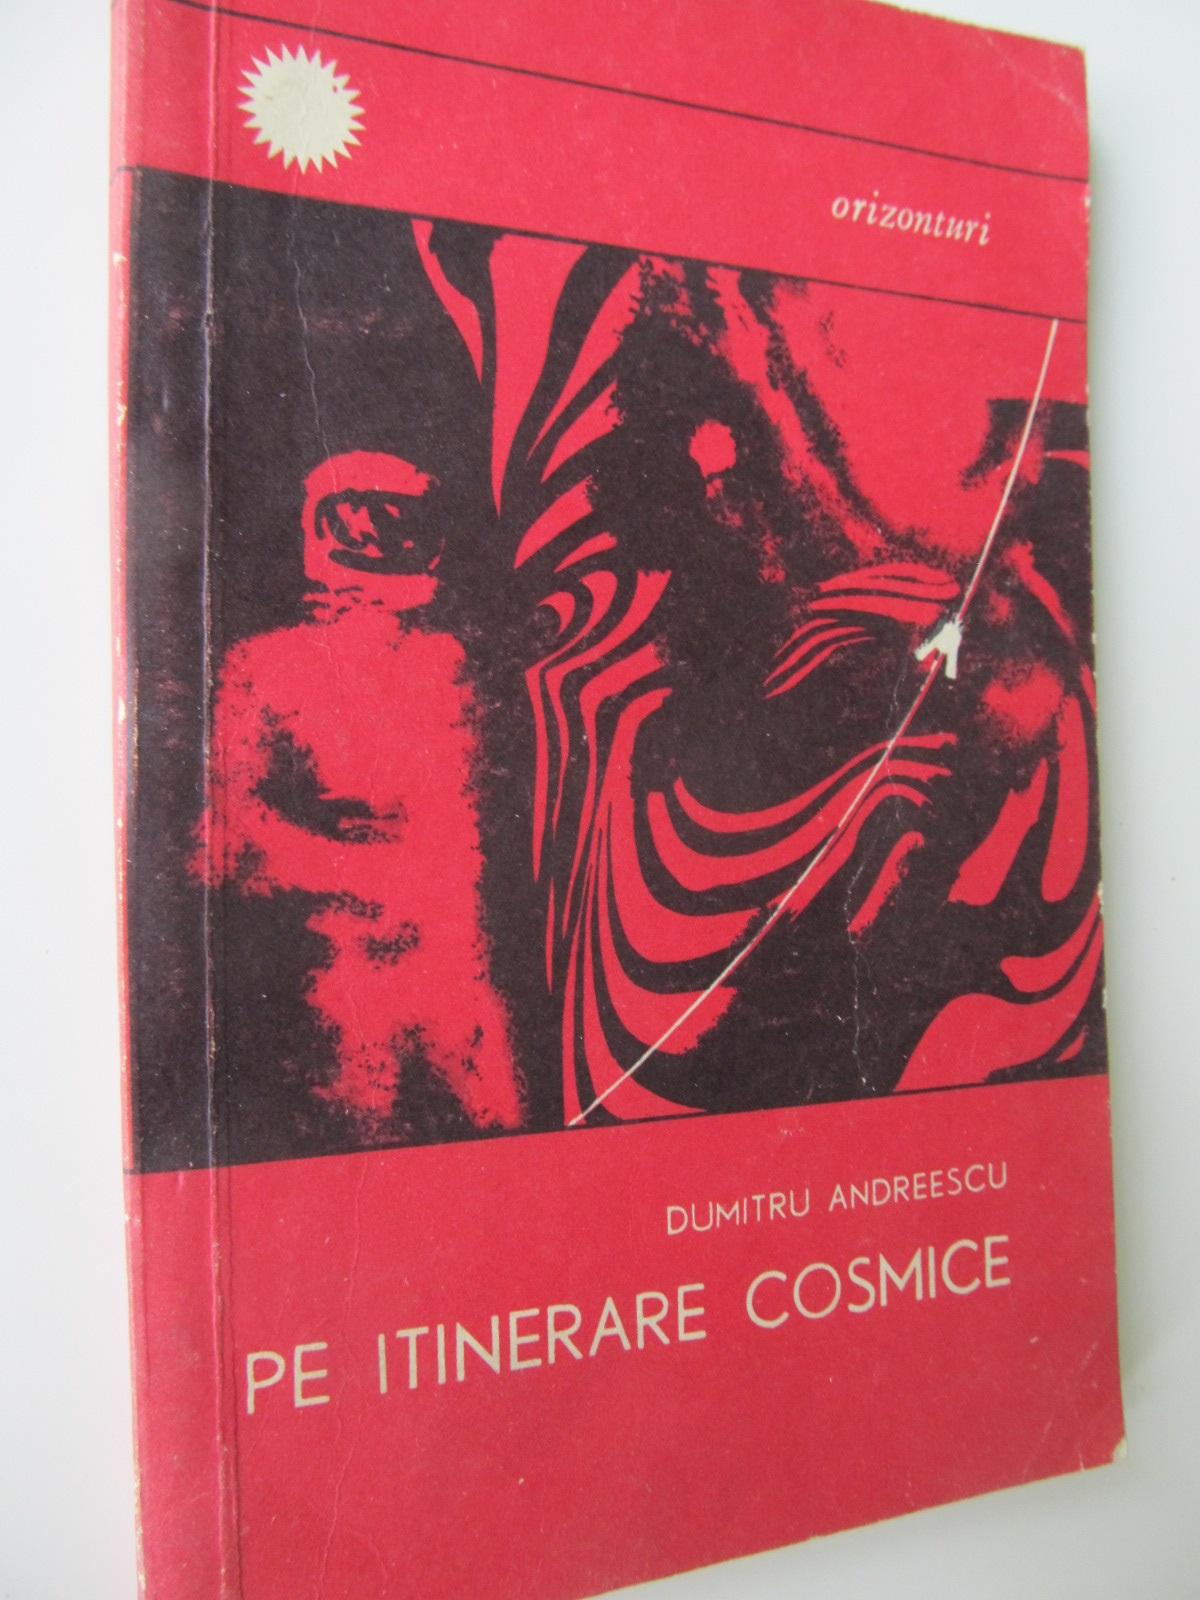 Pe itinerare cosmice - Dumitru Andreescu   Detalii carte